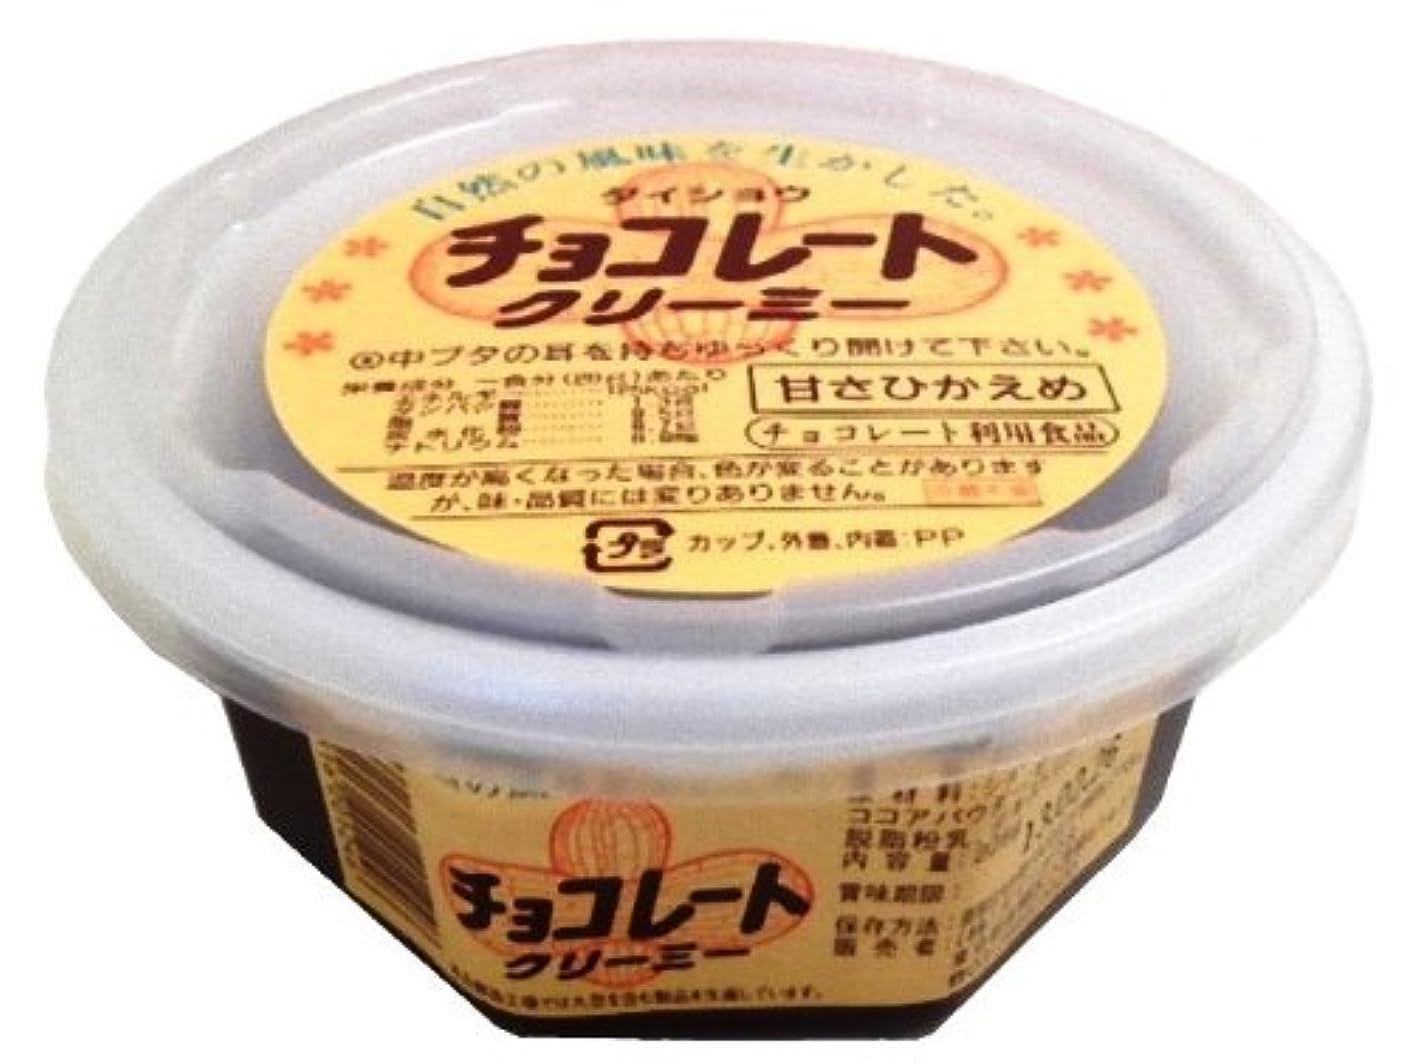 つばシビックズームソントン パンにぬるホイップクリーム 粒ピーナッツ 180g